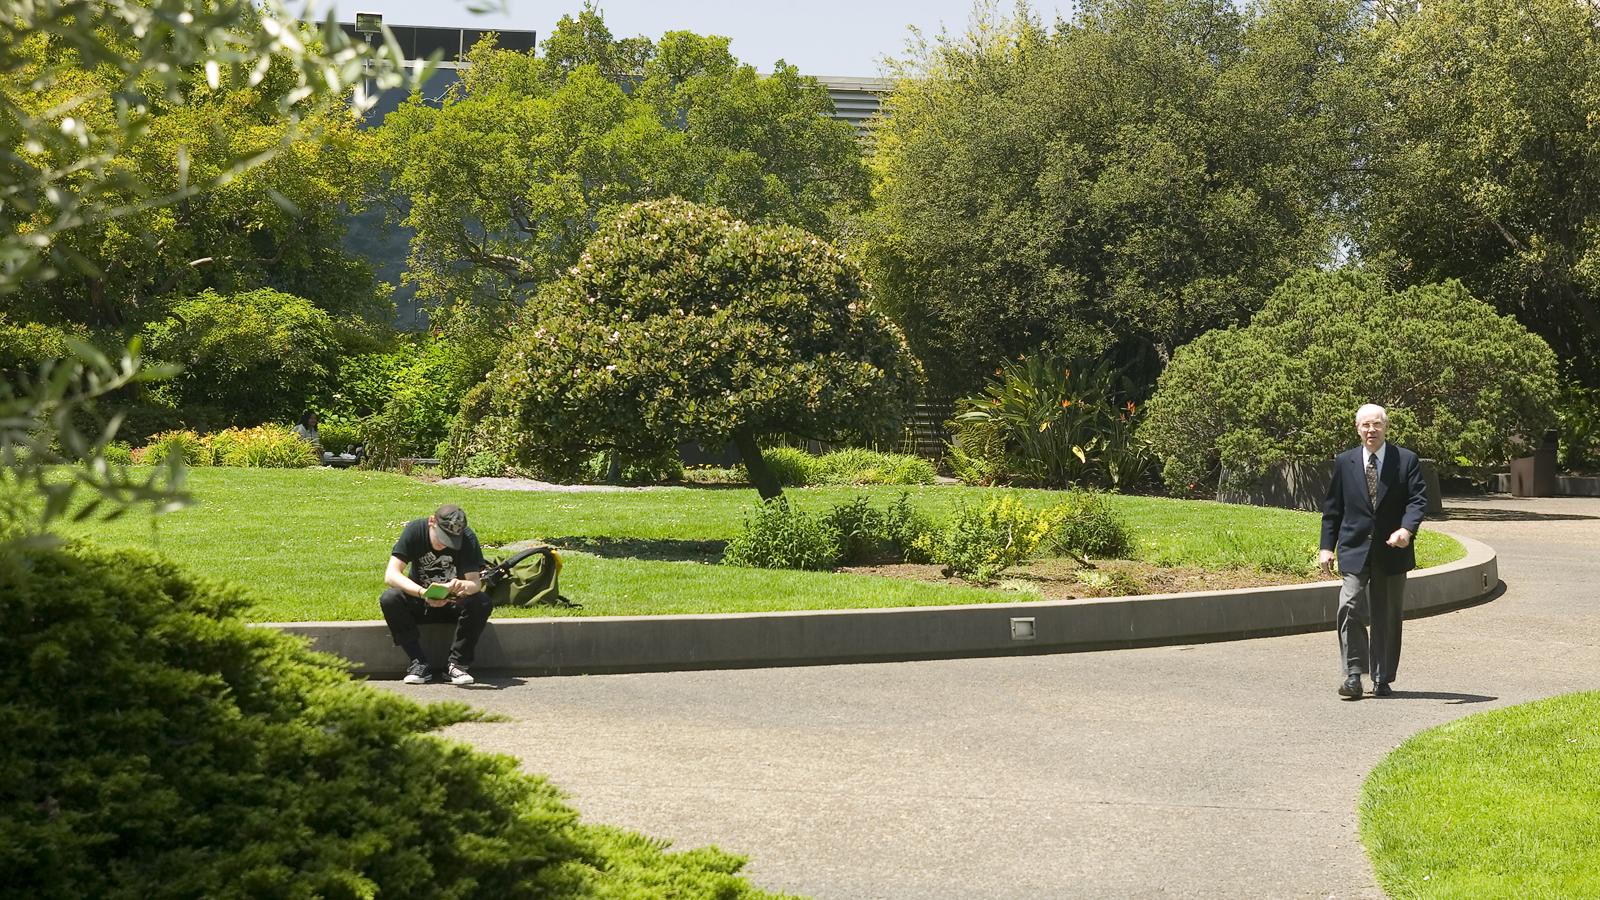 CA_Oakland_KaiserCenterRoofGarden_signature_TomFox_2008_06.jpg